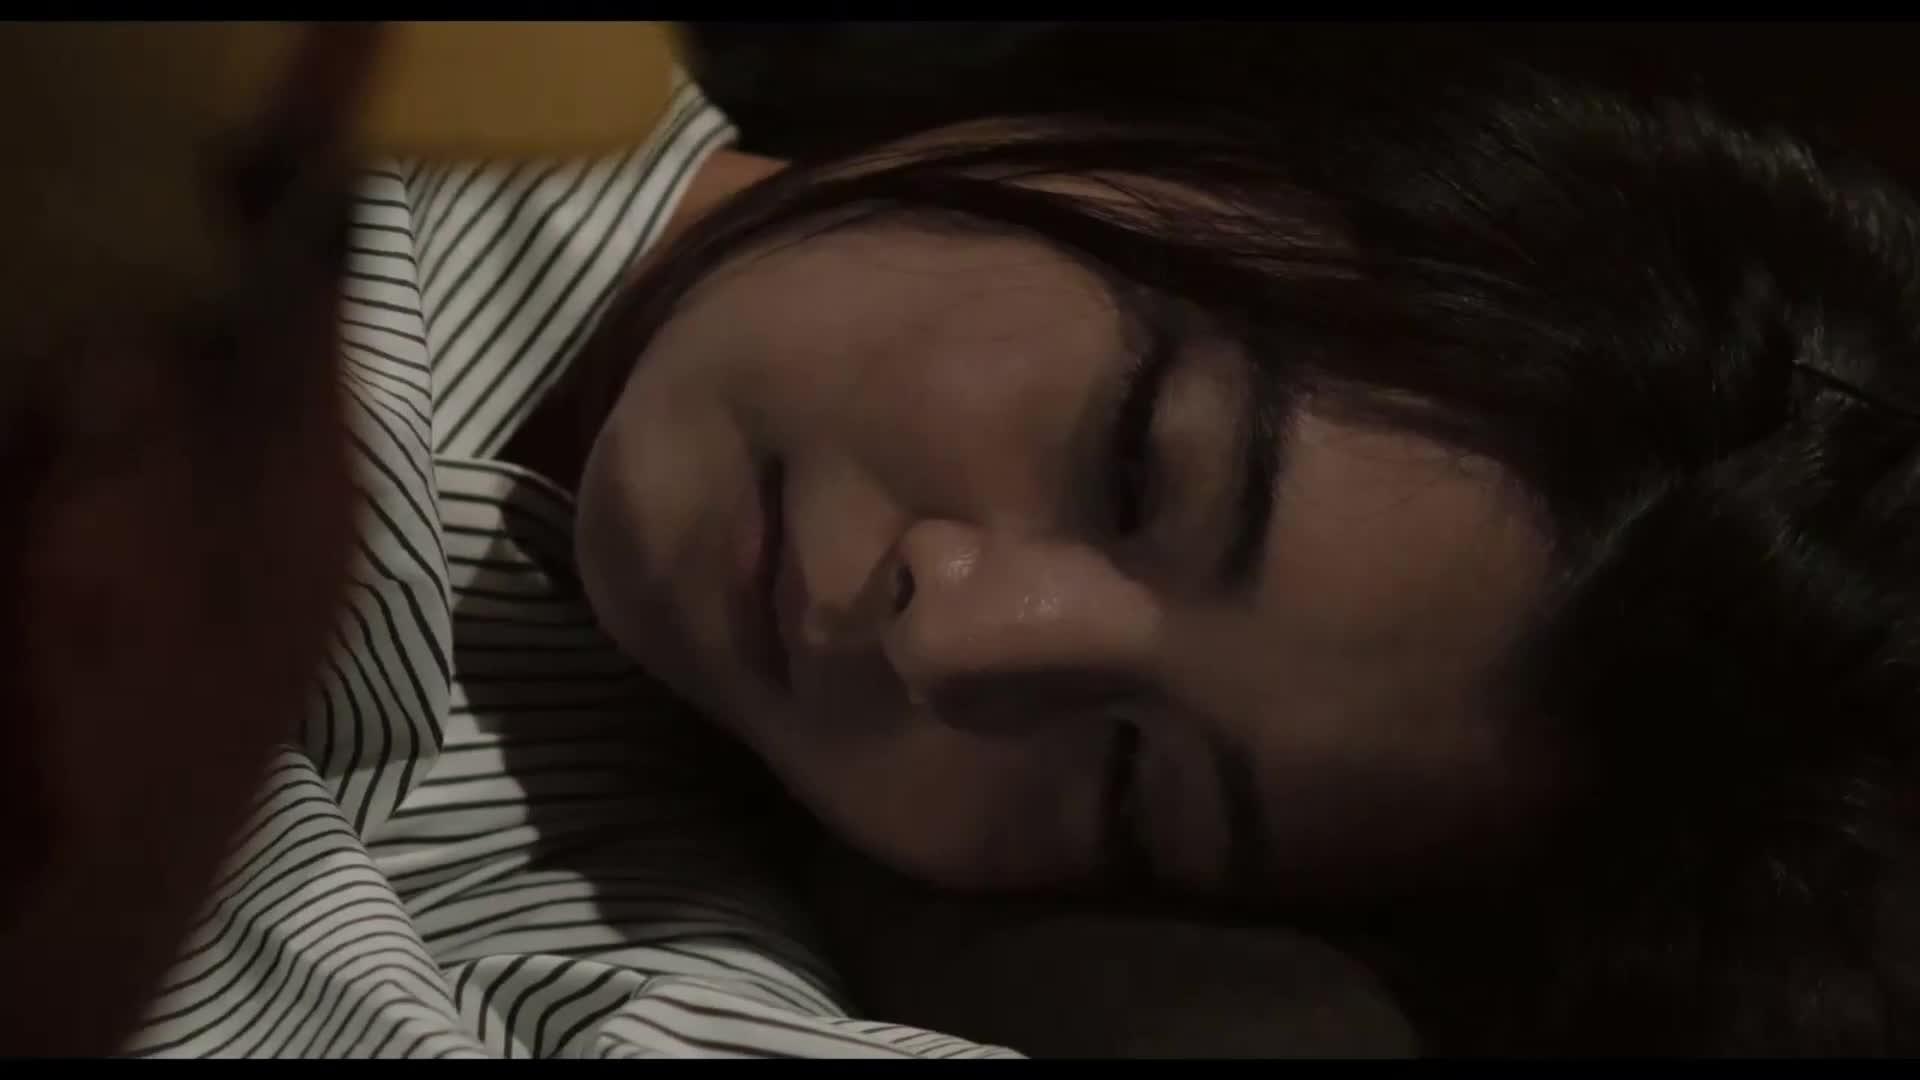 #影视精彩欣赏#最后的慰安妇:妍希终于忍受